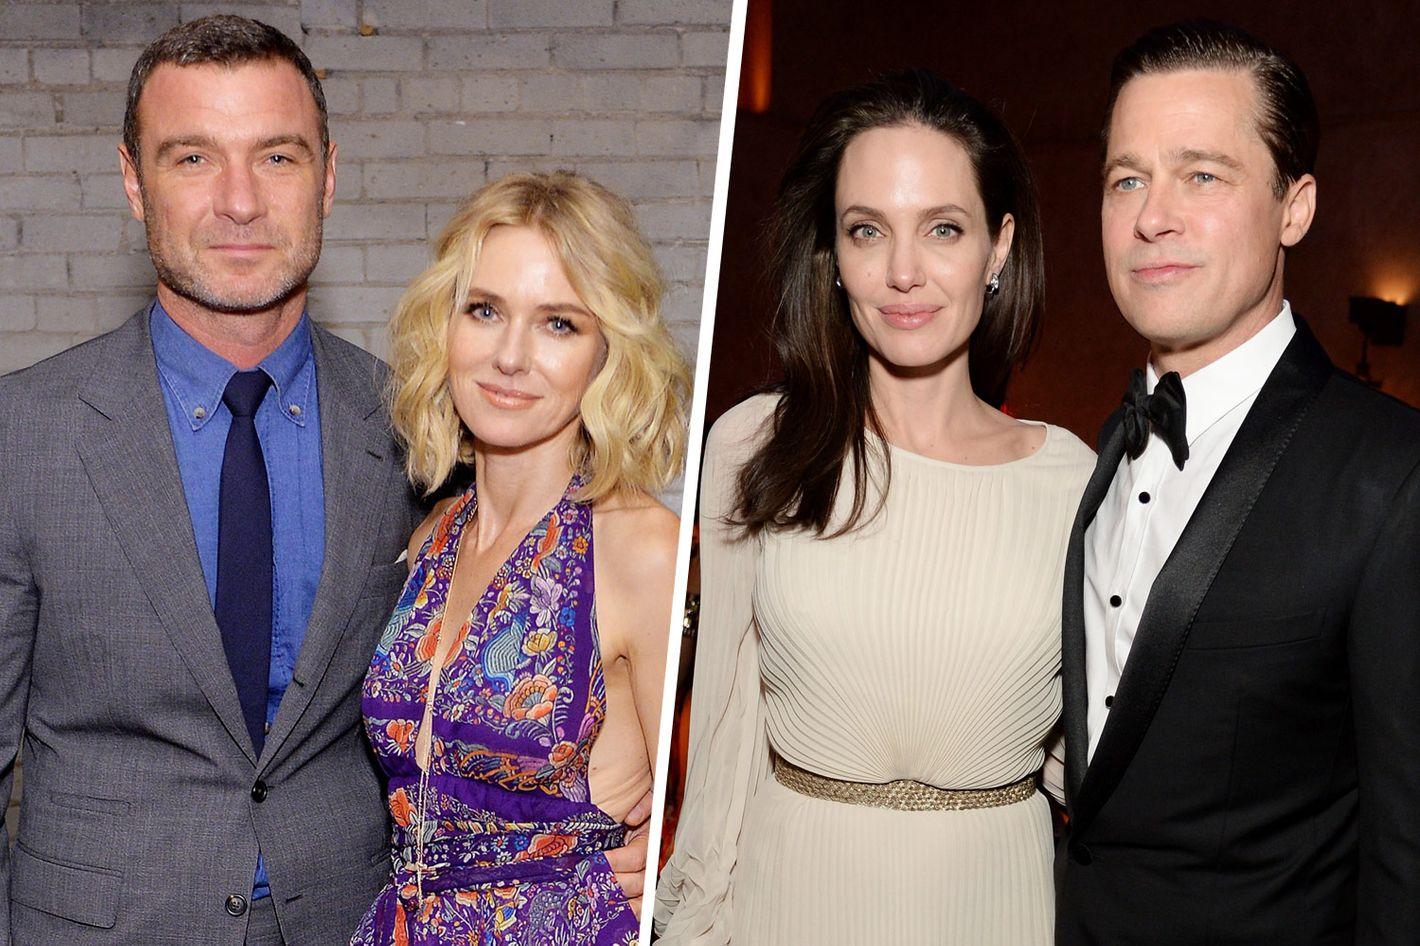 The Top 8 Best Celebrity Gossip Sites Online - Lifewire